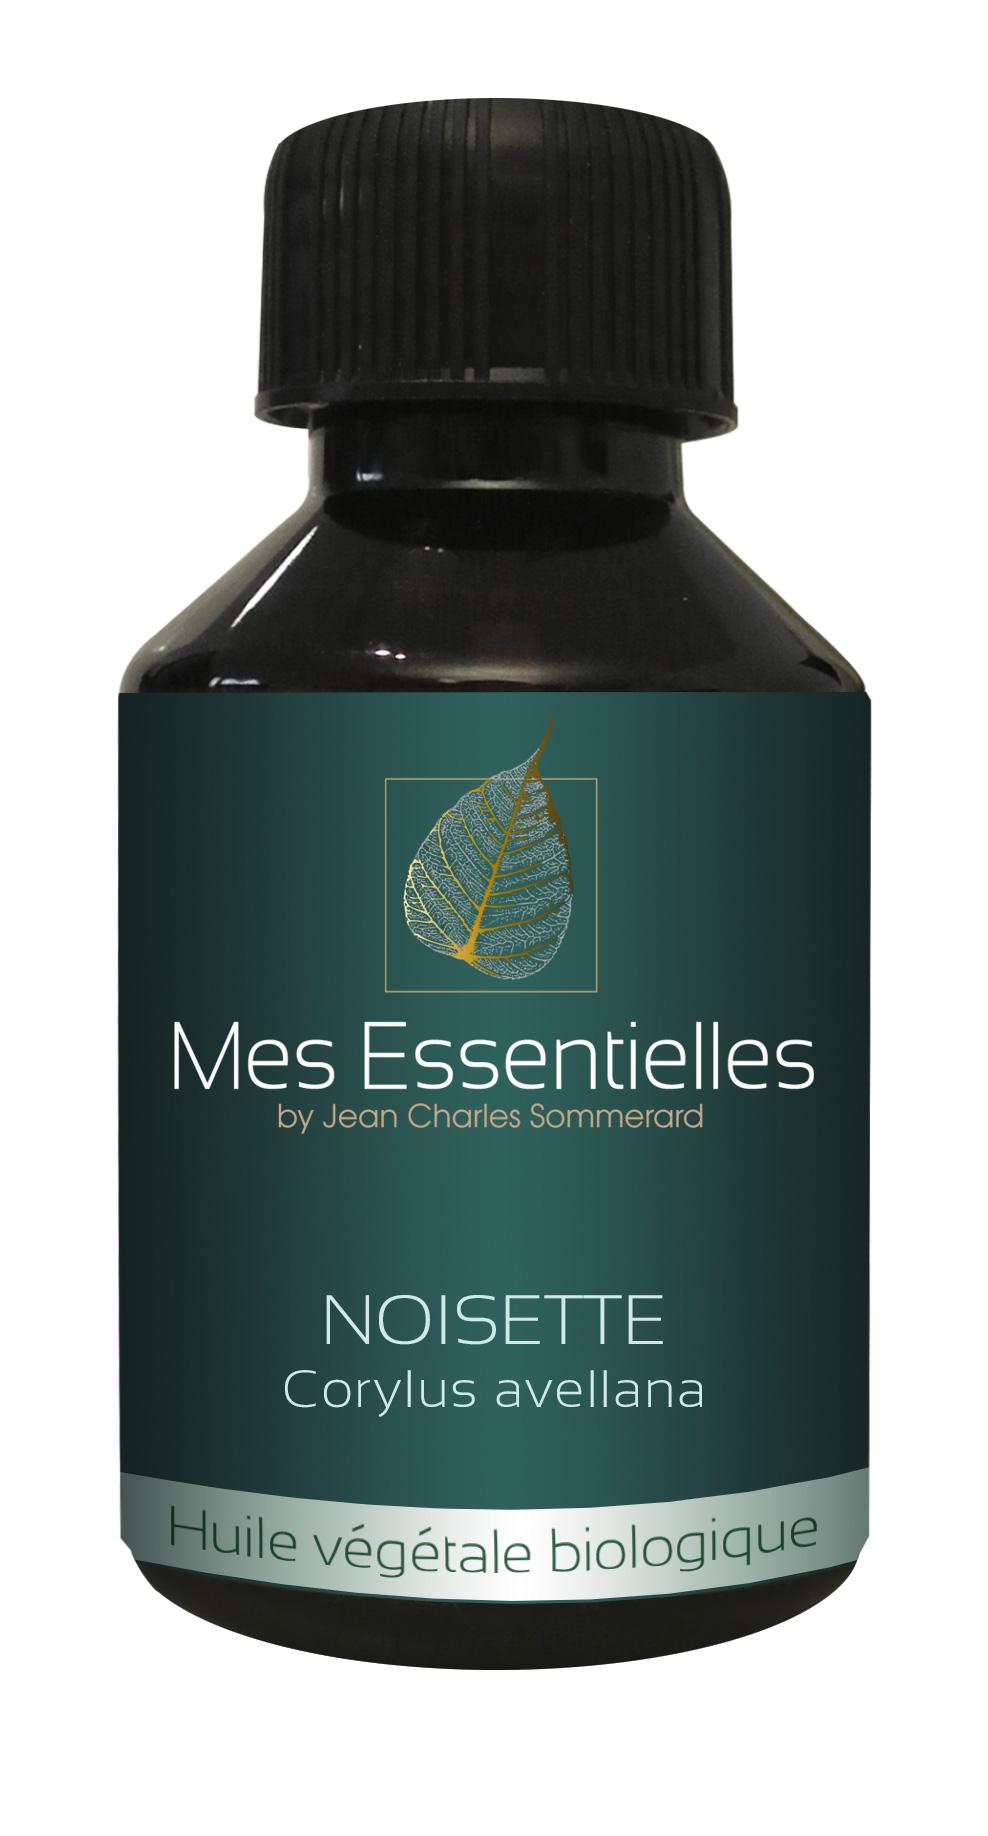 Sevessence - Huile végétale biologique de Noisette